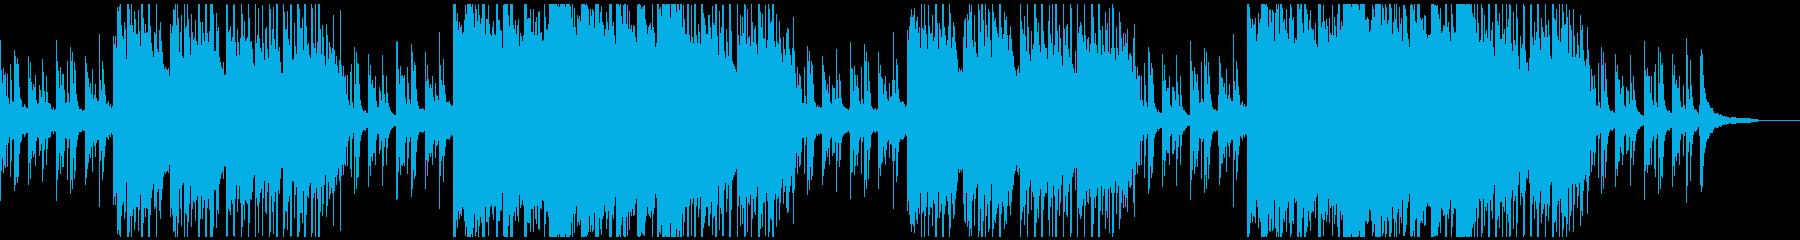 きらびやかなピアノストリングス感動系の再生済みの波形